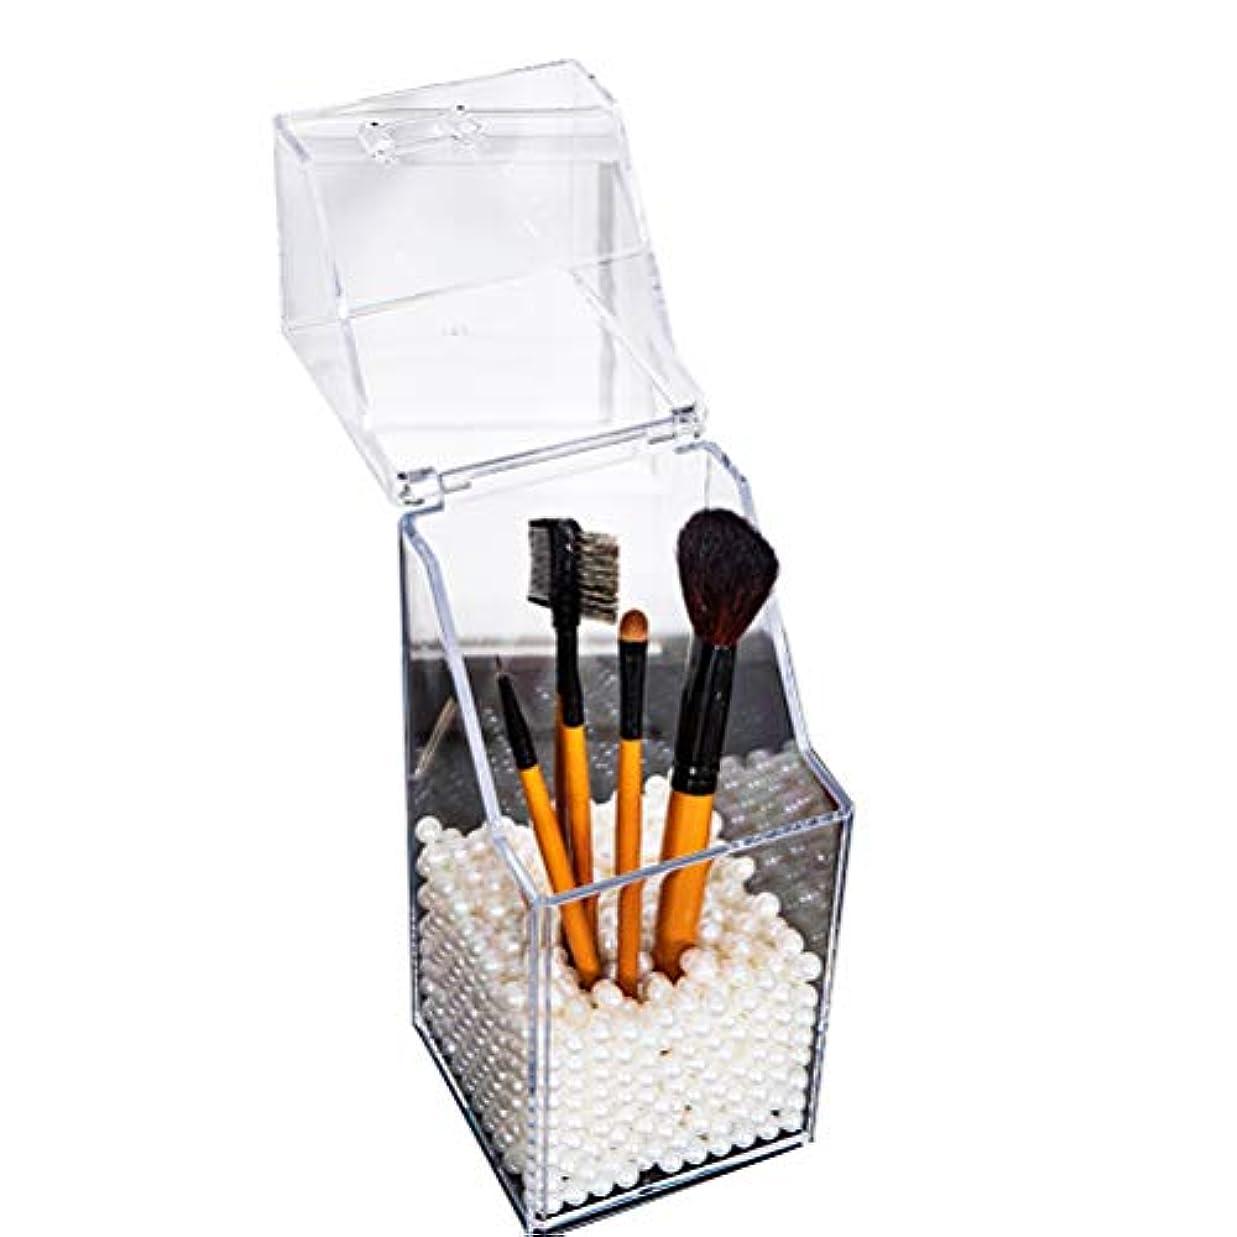 アトミックスナック参照[YEMOCILE] メイクボックス レディース ふた付き メイクブラシ 化粧品入れ 収納 透明 引き出し小物 アクリル製 真珠 高品質 ホワイト